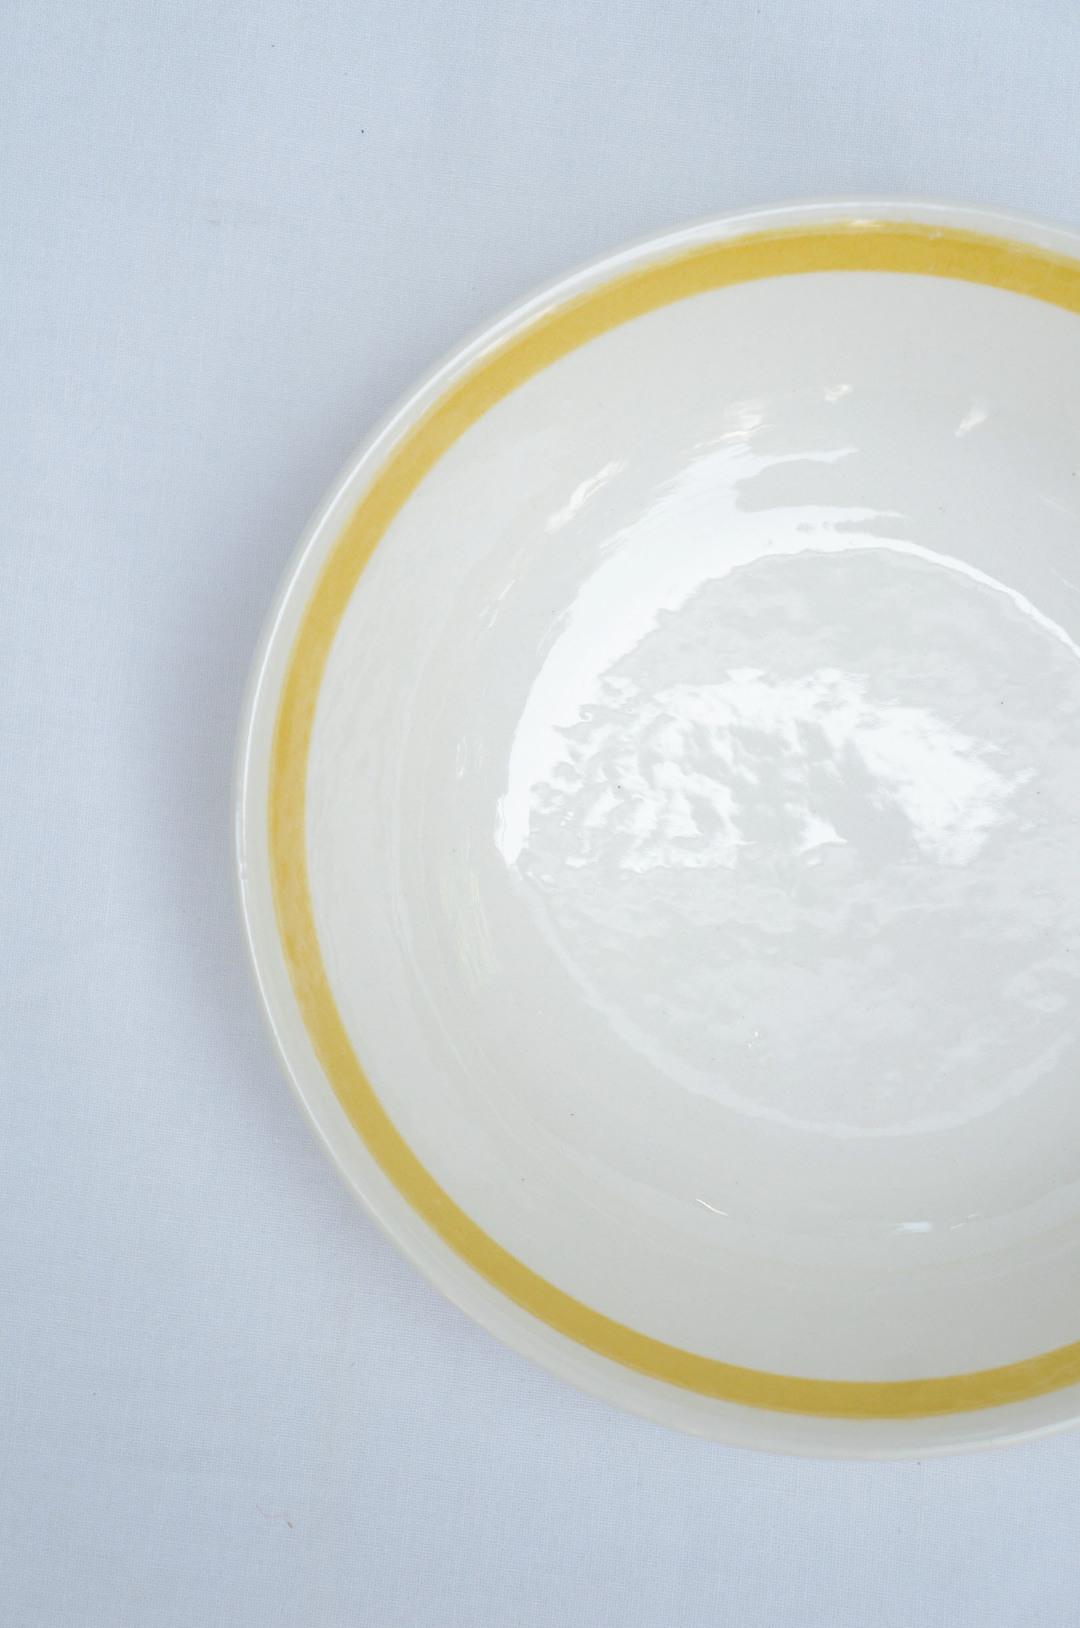 US Vintage Royal China Damsel Bowl/アメリカ ヴィンテージ ロイヤルチャイナ ダムセル ボウル 食器 レトロ 5